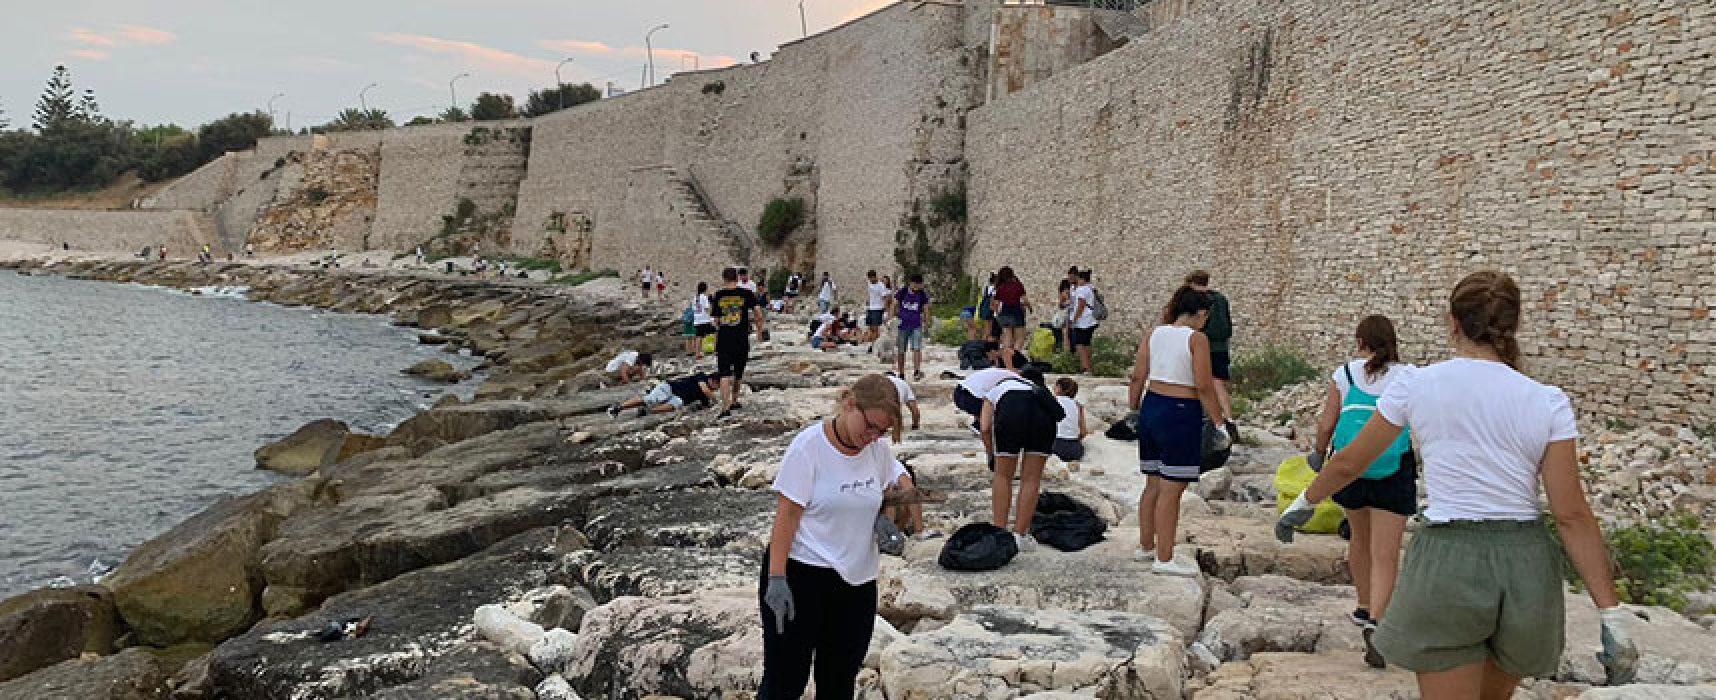 L'associazione Muvt si migliora, circa 70 volontari per la pulizia in zona Salsello / FOTO